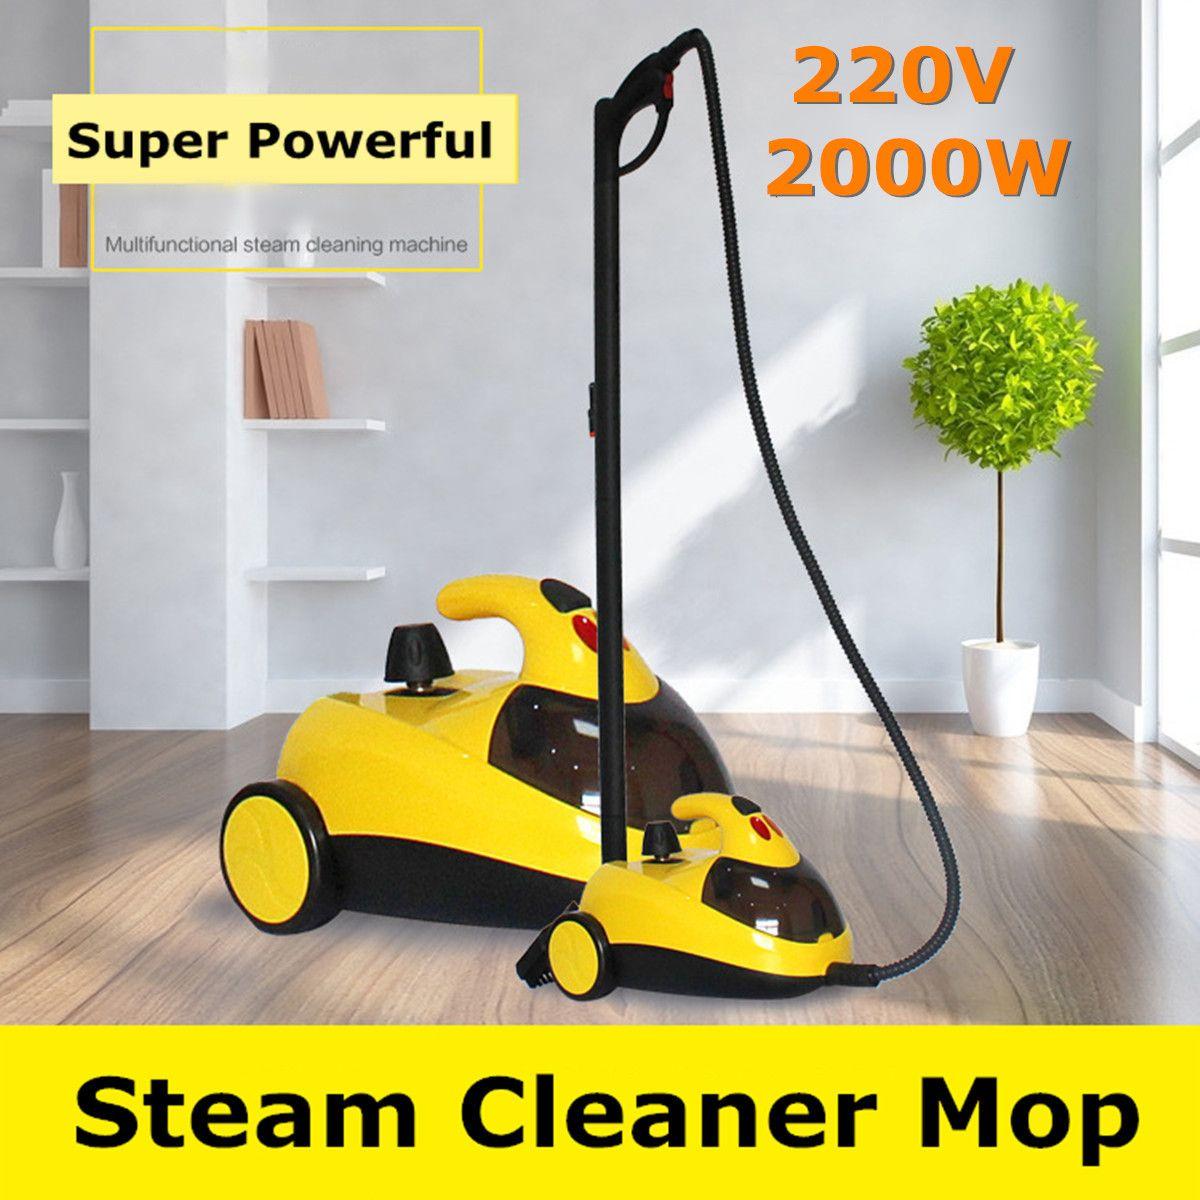 Boden Teppich Reiniger 13in1 AU220V 1.5L4.0 2000 watt Bar Hochdruck Dampf Washer Reinigung Maschine 360 Rad für Sauberes Bad auto